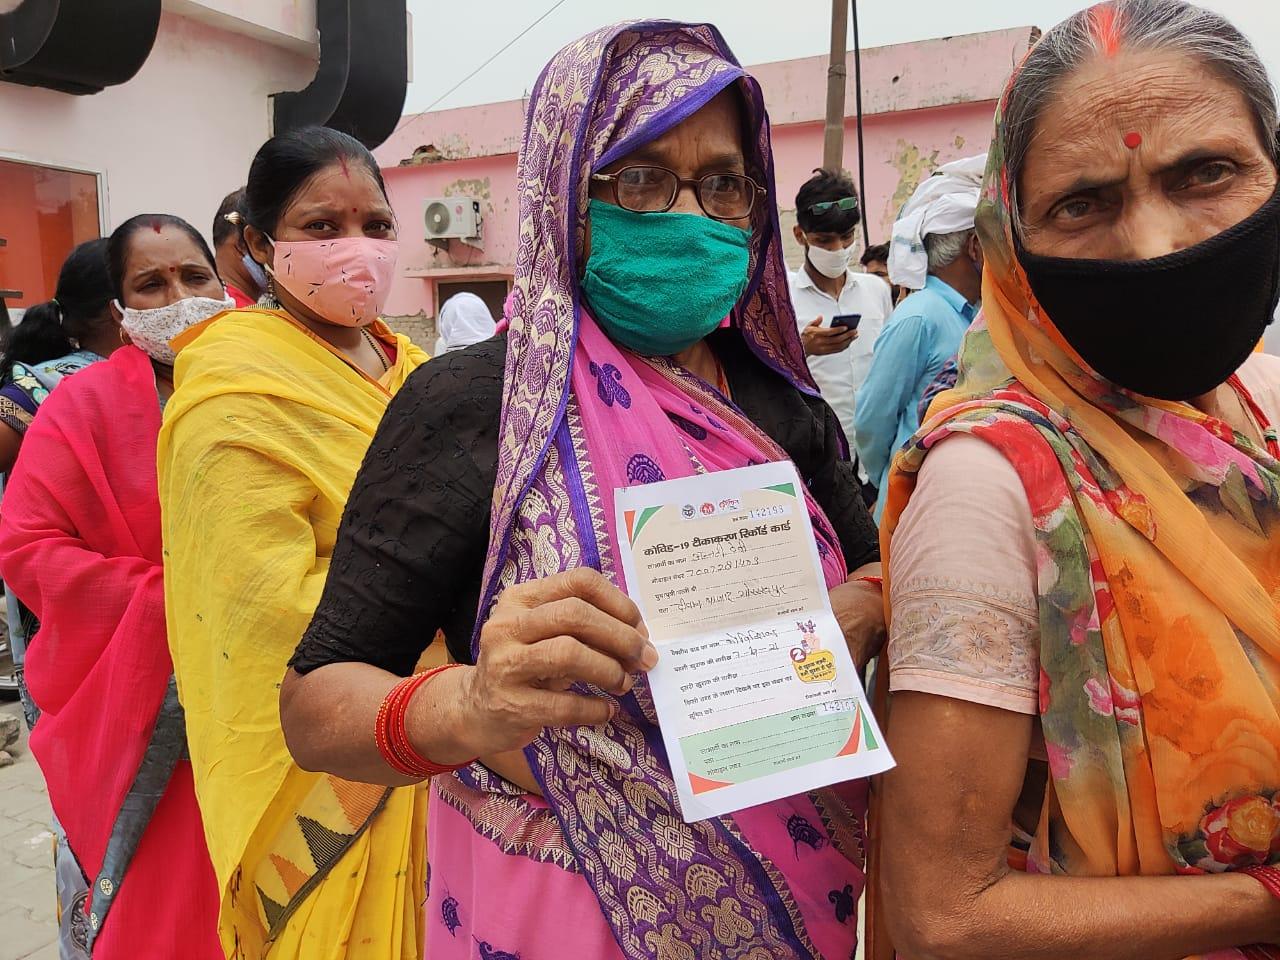 105 दिन बाद गोरखपुर में नहीं मिला एक भी कोविड पॉजीटिव; 8 मार्च से लगातार मिल रहे थे संक्रमित, अधिकारी बोले- सतर्कता अभी भी पूरी जरूरी|गोरखपुर,Gorakhpur - Dainik Bhaskar